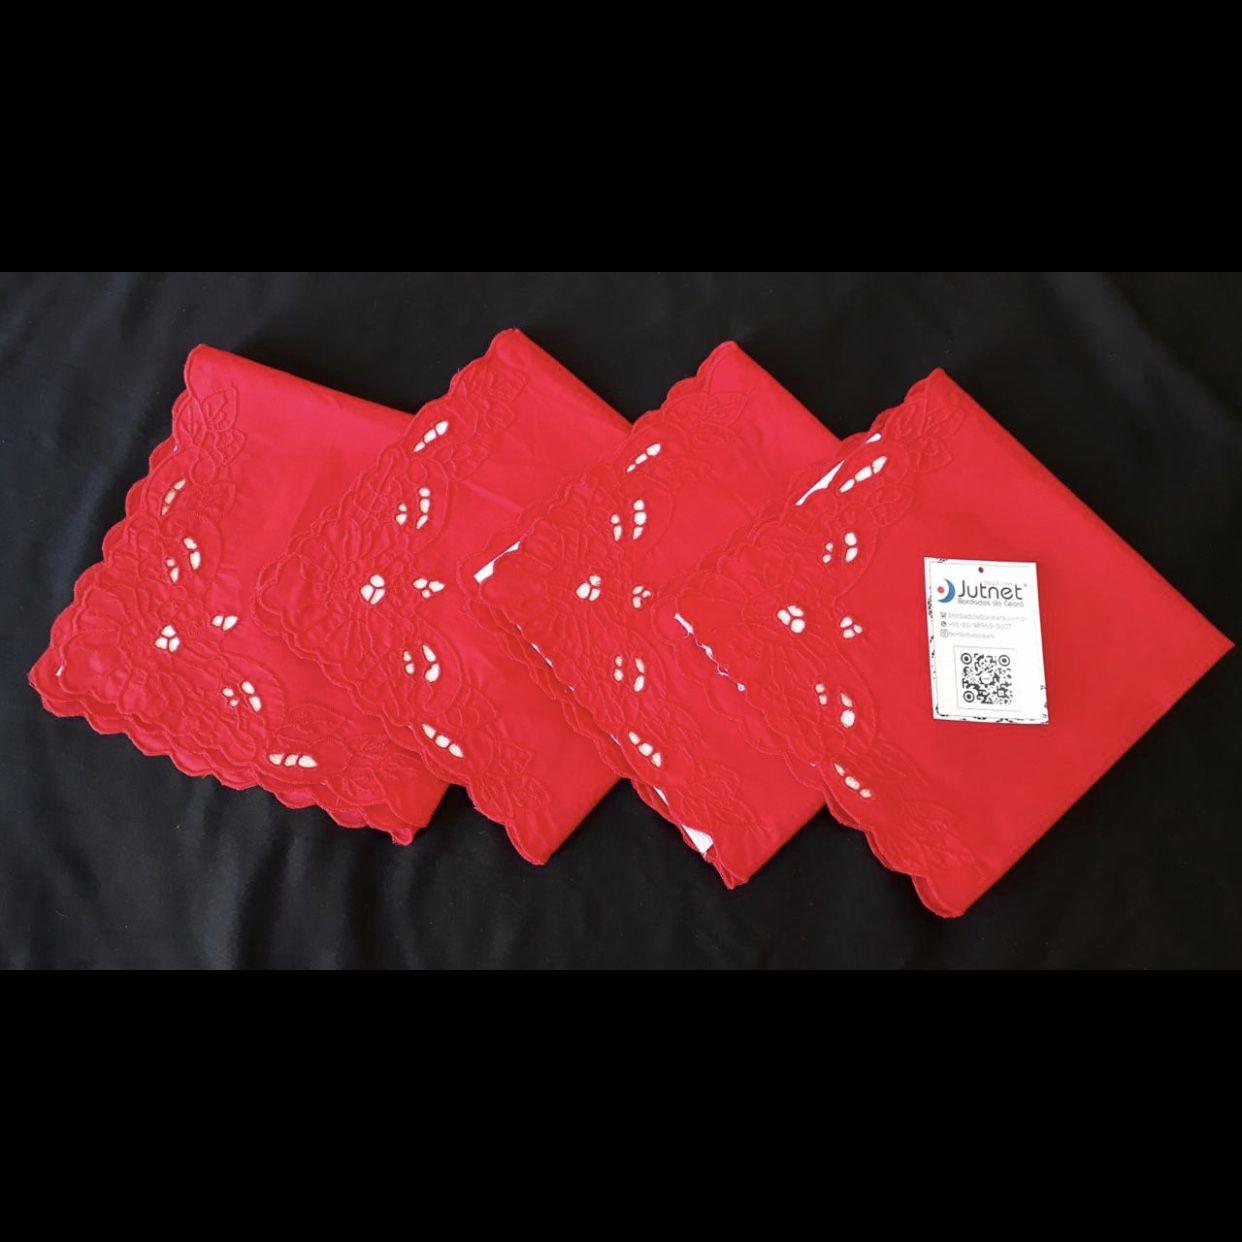 Guardanapo 100% Algodão 40x40 Bordado Richelieu Imperial Vermelho (4 Unid.)   - Bordados do Ceará - Jutnet